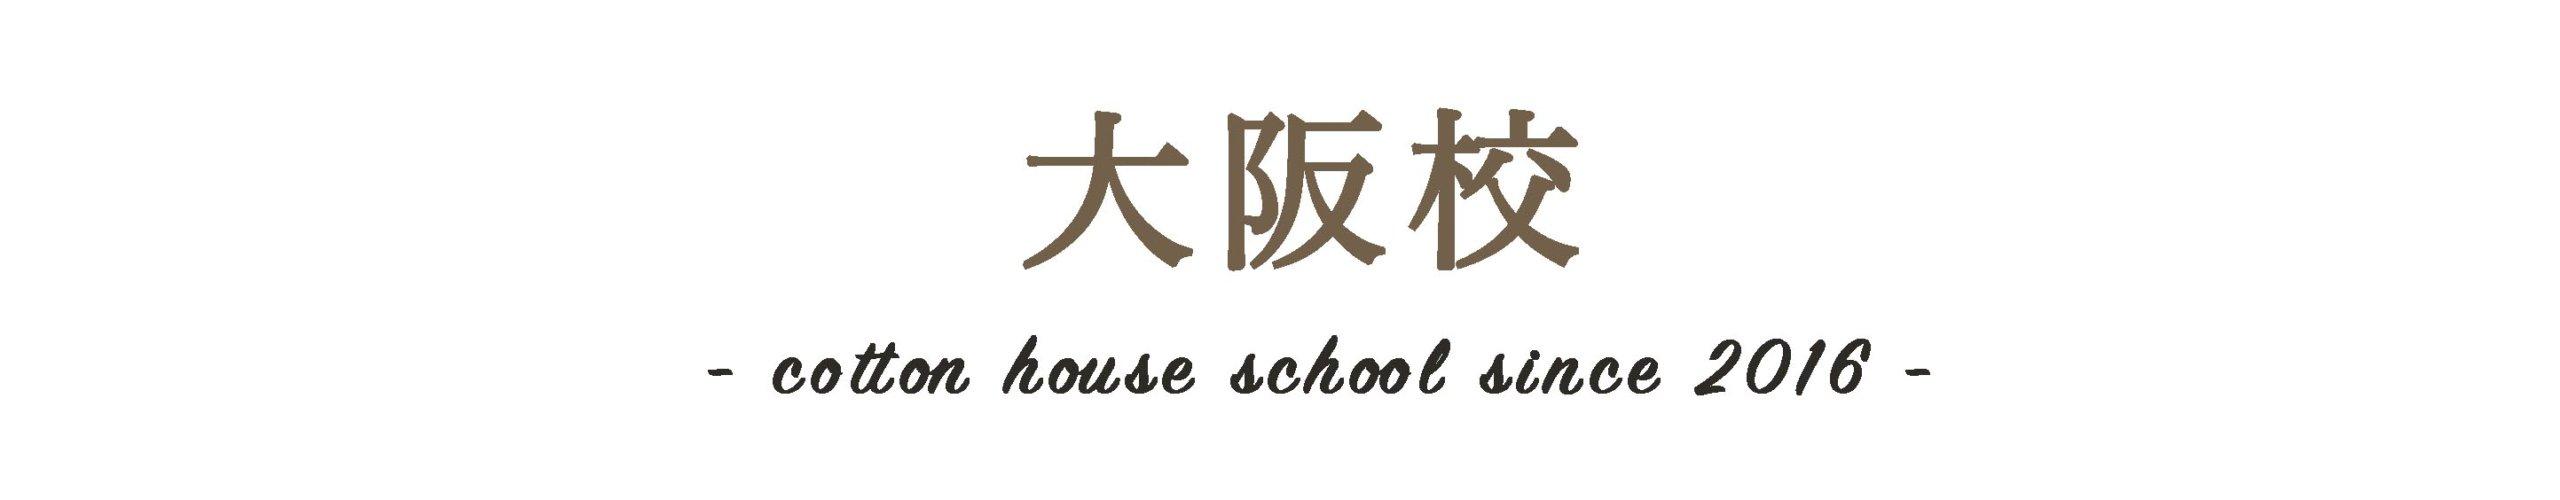 大阪校コットンハウス